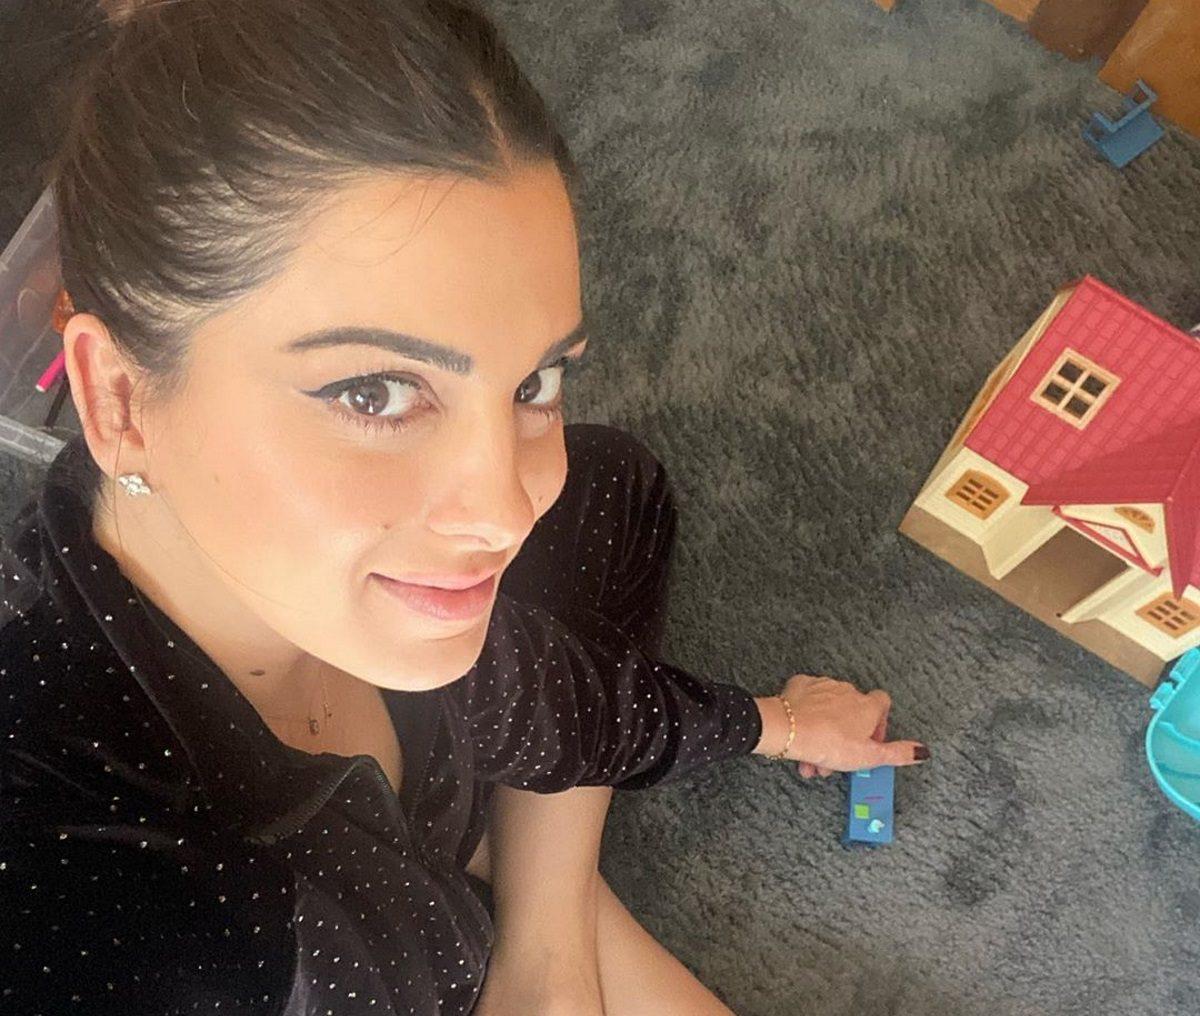 Σταματίνα Τσιμτσιλή: Κάνει γυμναστική στο σπίτι αγκαλιά με τον γιο της! | tlife.gr